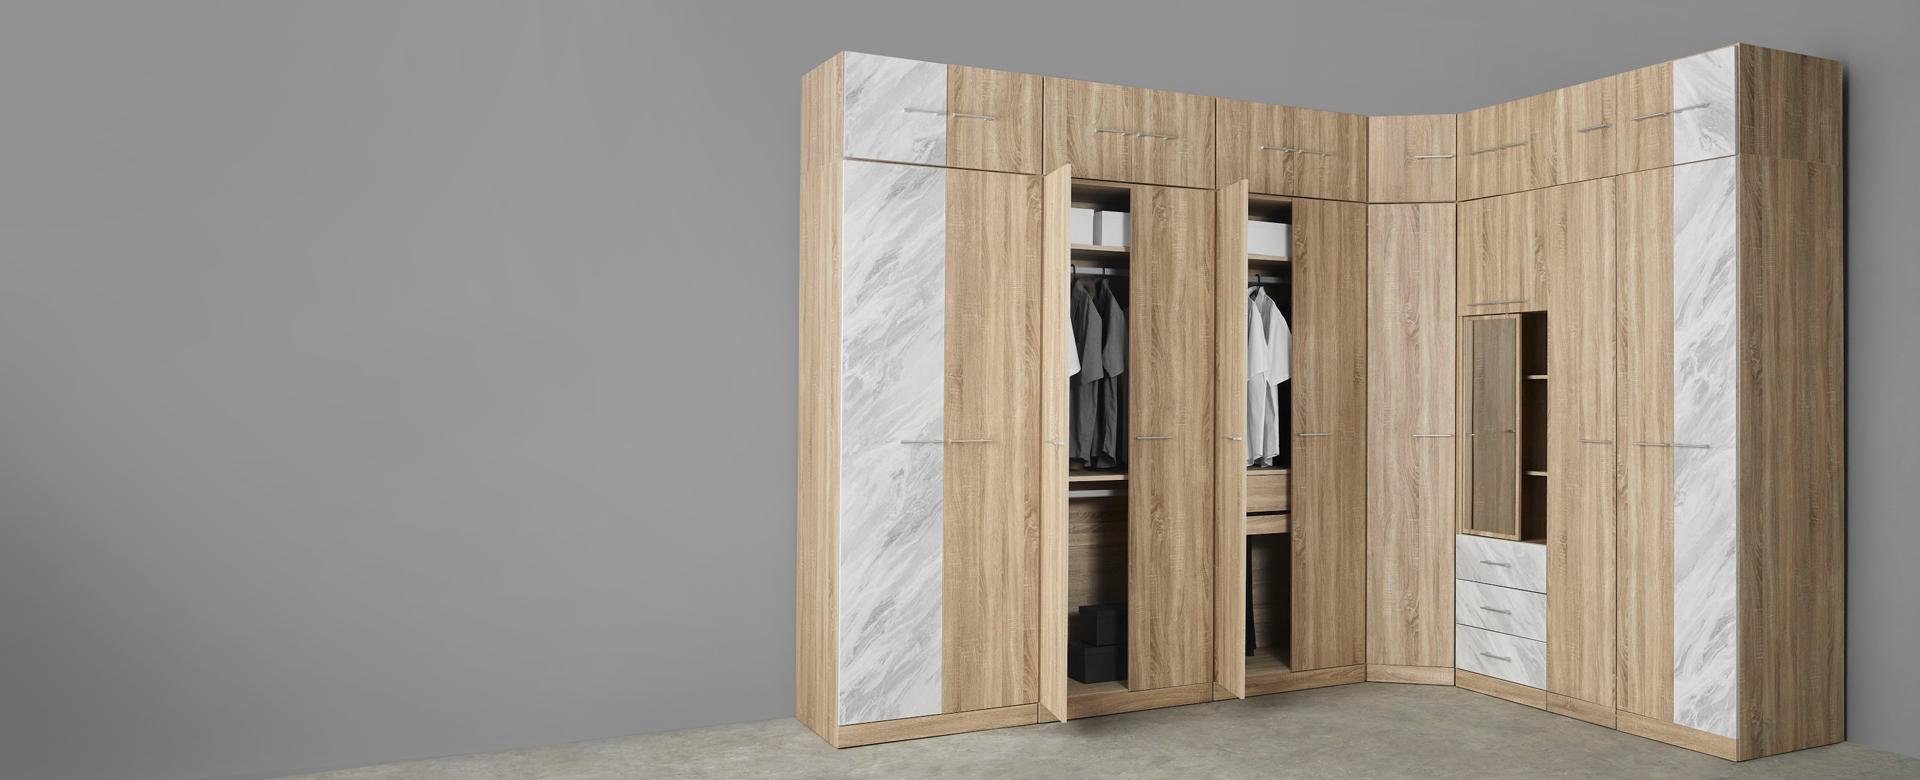 Built in Closet__Desktop